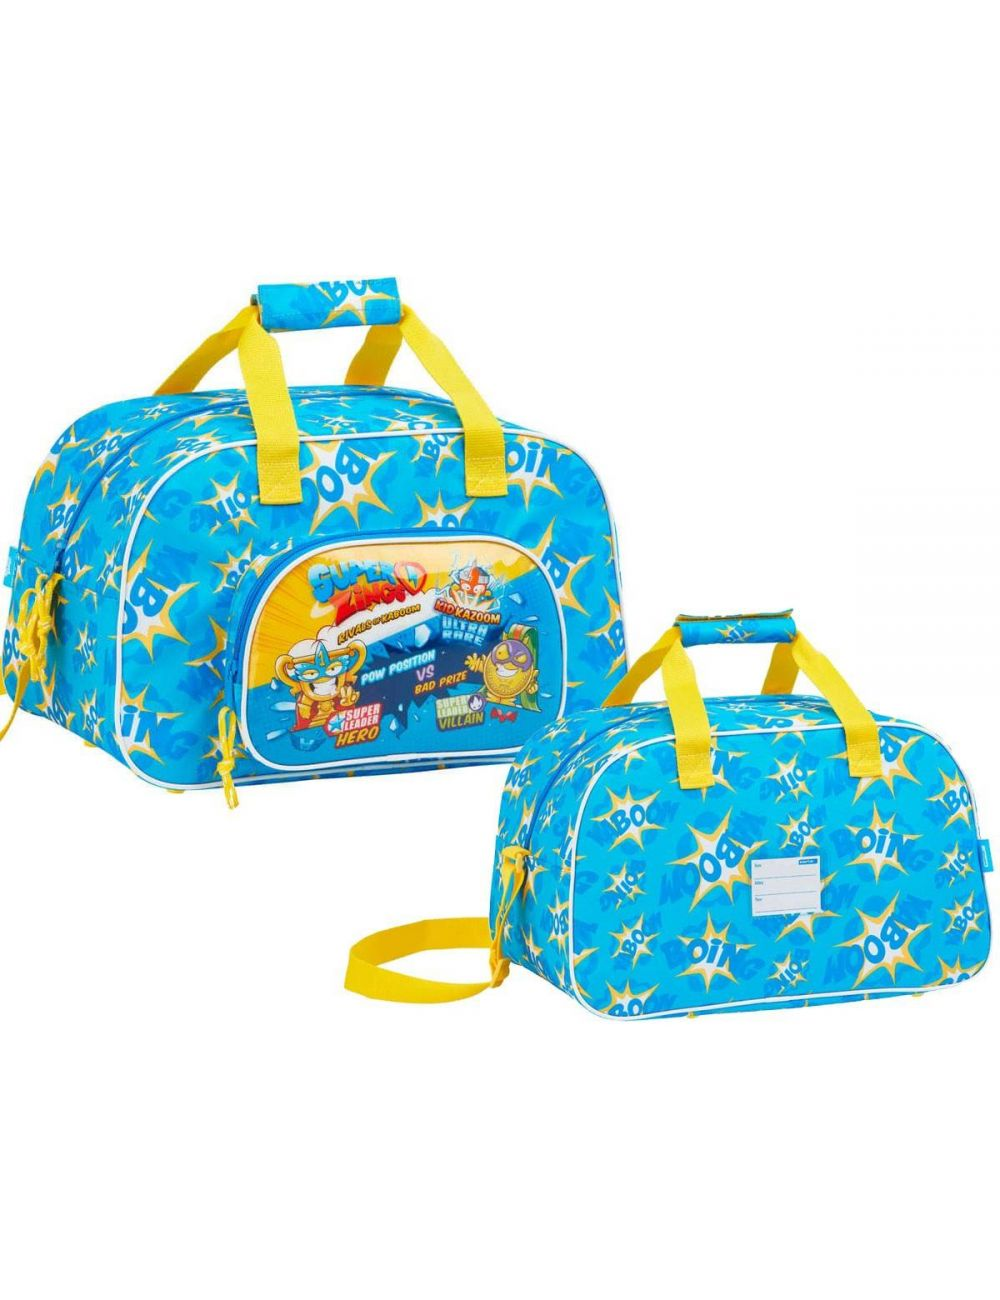 Super Zings torba sportowa dla dziecka 40cm